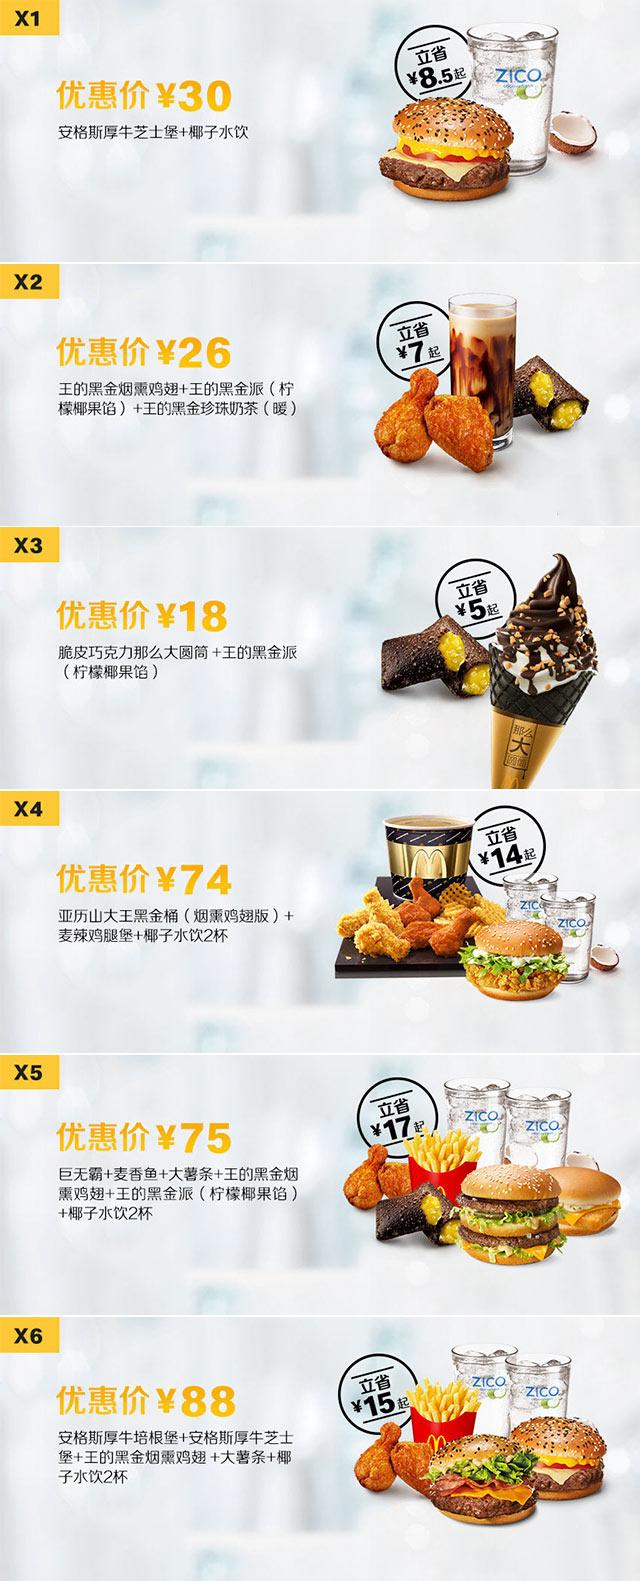 麦当劳优惠券2019年12月25日至2020年1月7日手机版整张版本,点餐出示或报优惠码享优惠价 有效期至:2020年1月7日 www.5ikfc.com